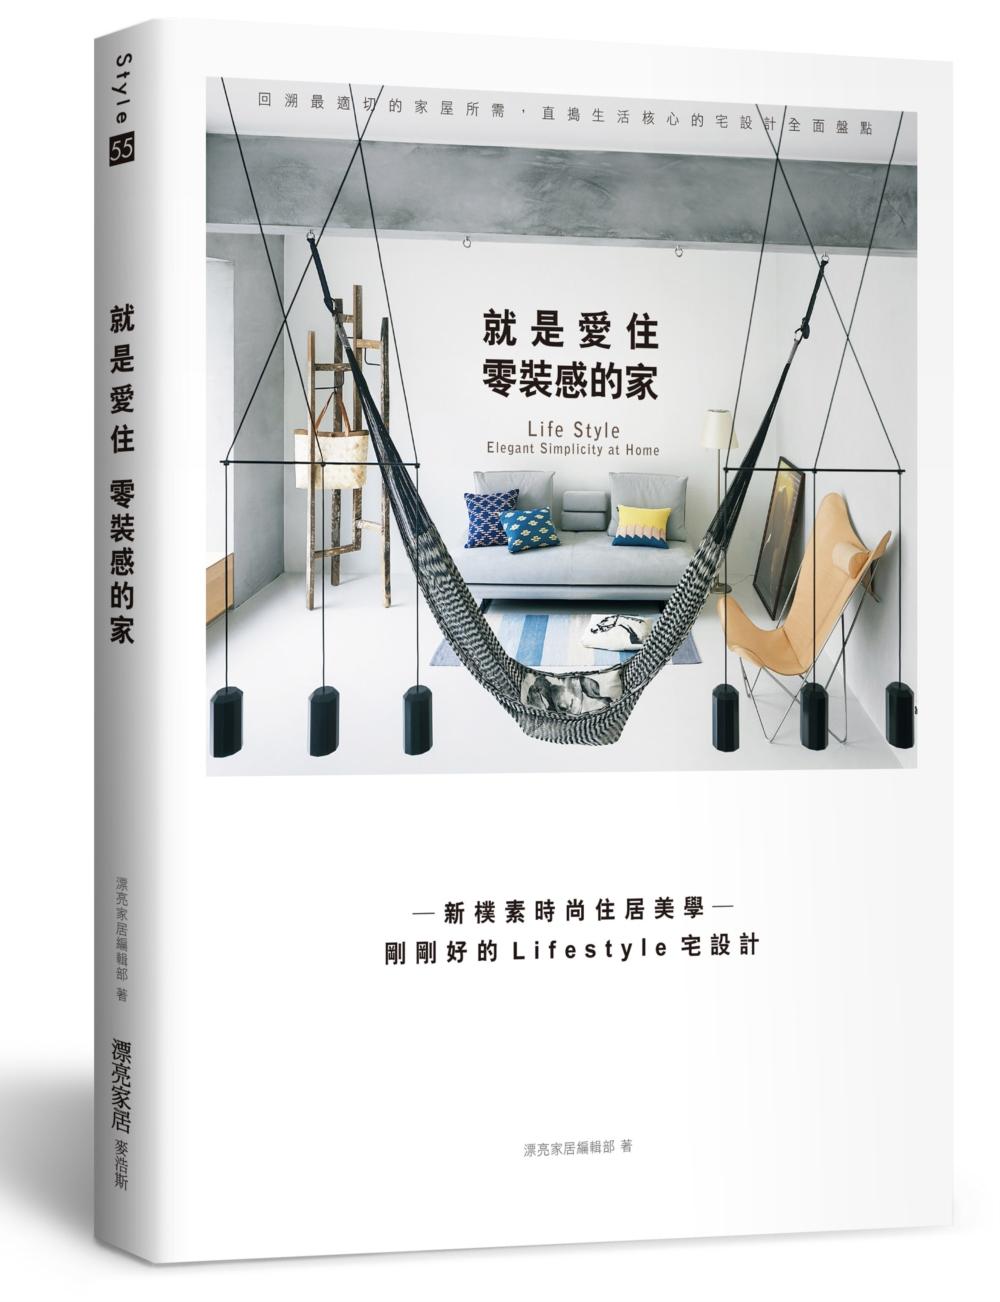 ◤博客來BOOKS◢ 暢銷書榜《推薦》就是愛住零裝感的家:新樸素時尚住居美學─剛剛好的Lifestyle宅設計